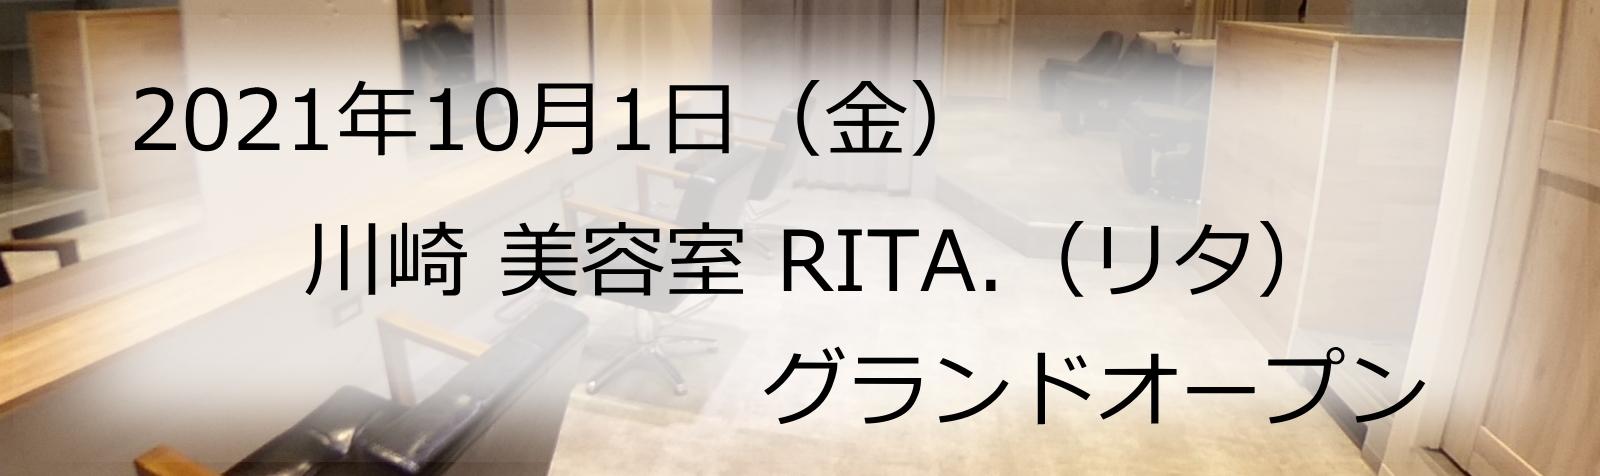 川崎 美容室 RITA.(リタ)